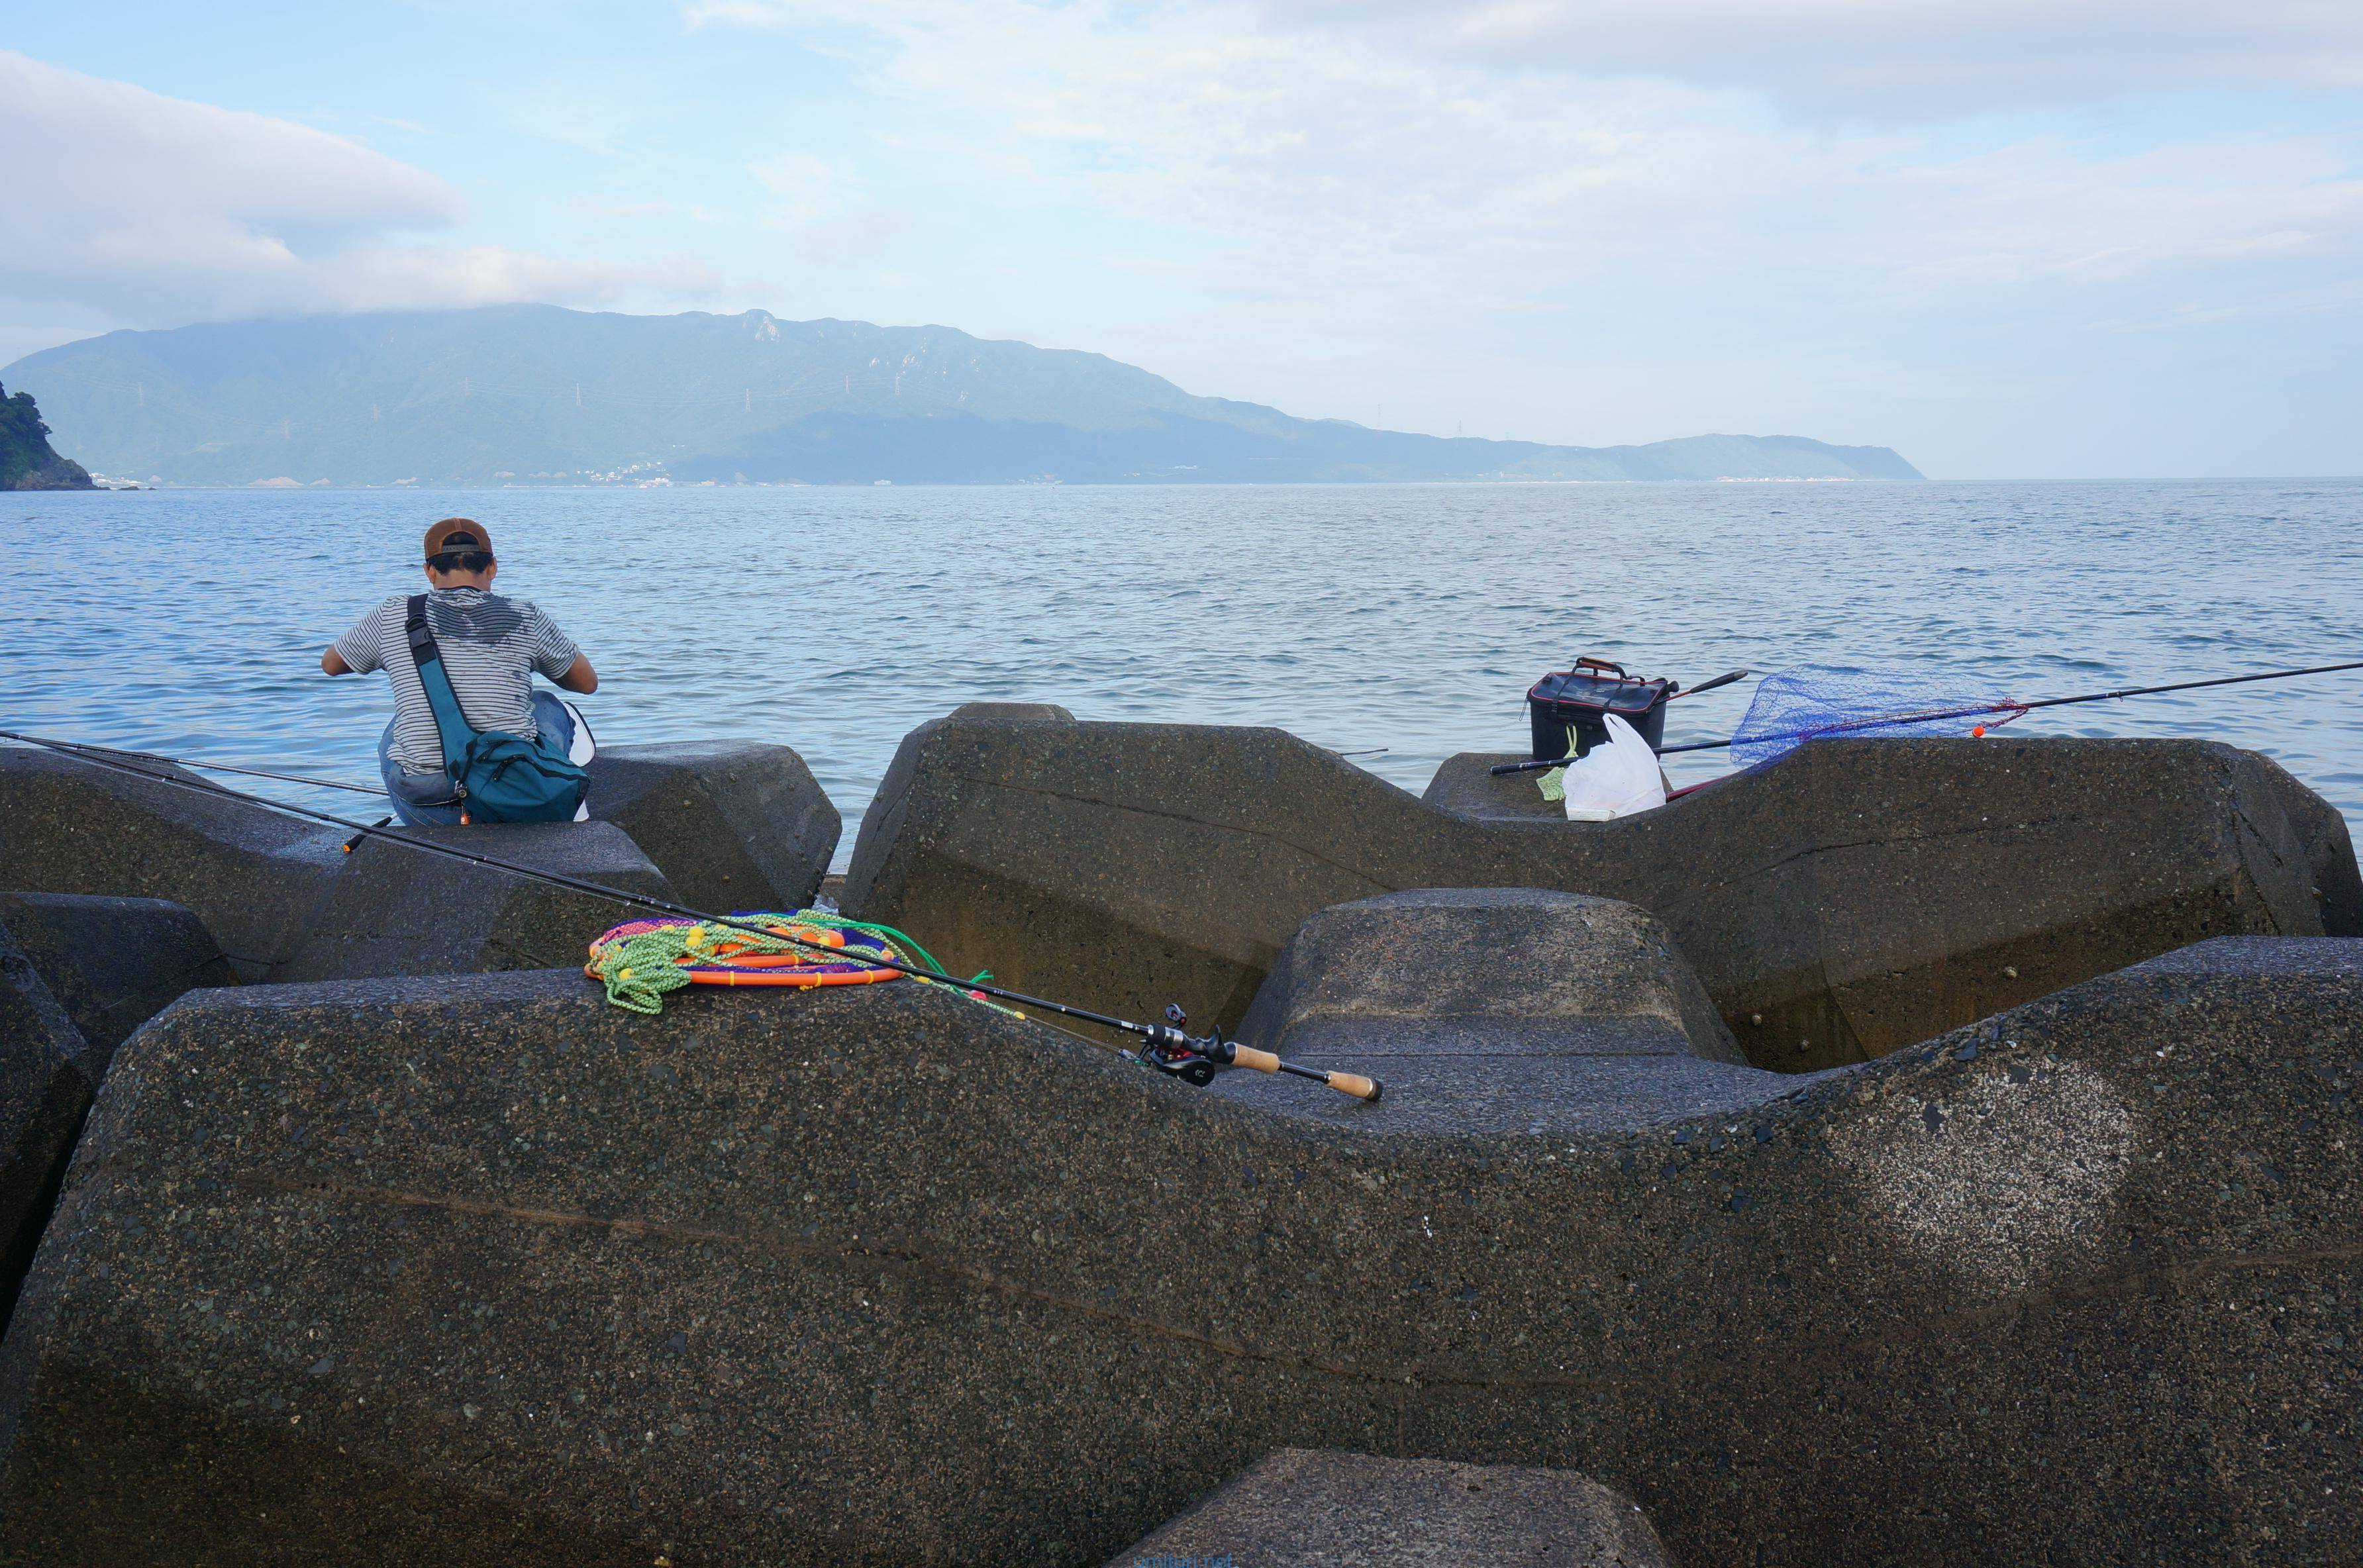 初夏のチヌフカセ釣り!福井県敦賀にて手漕ぎボートで沖テトラへ